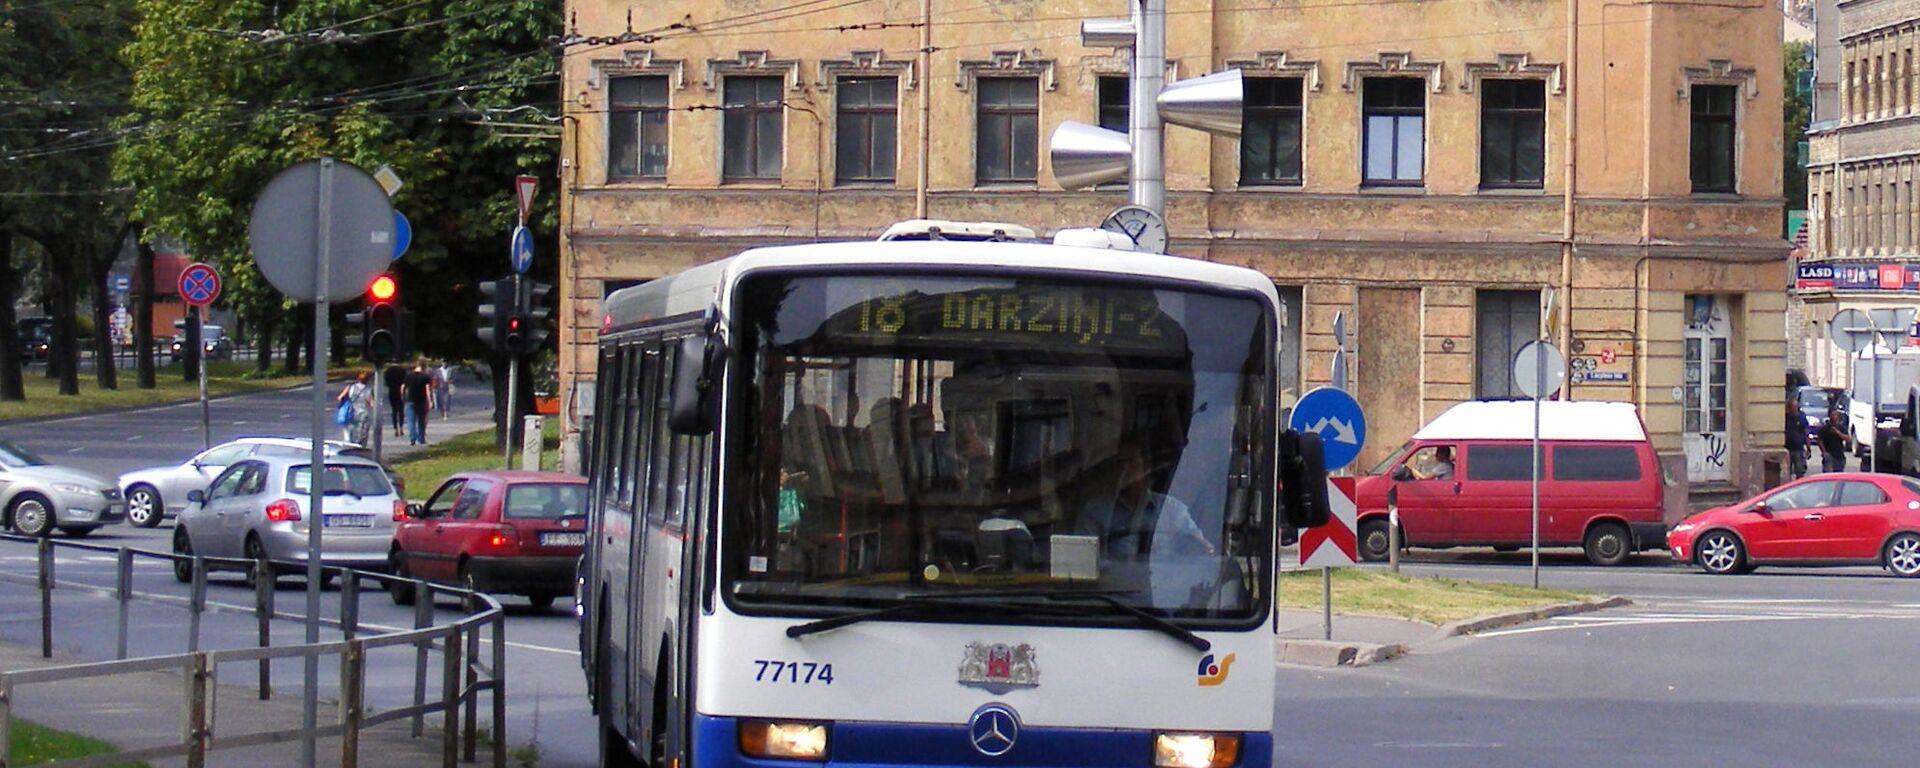 Автобус - Sputnik Латвия, 1920, 12.05.2021